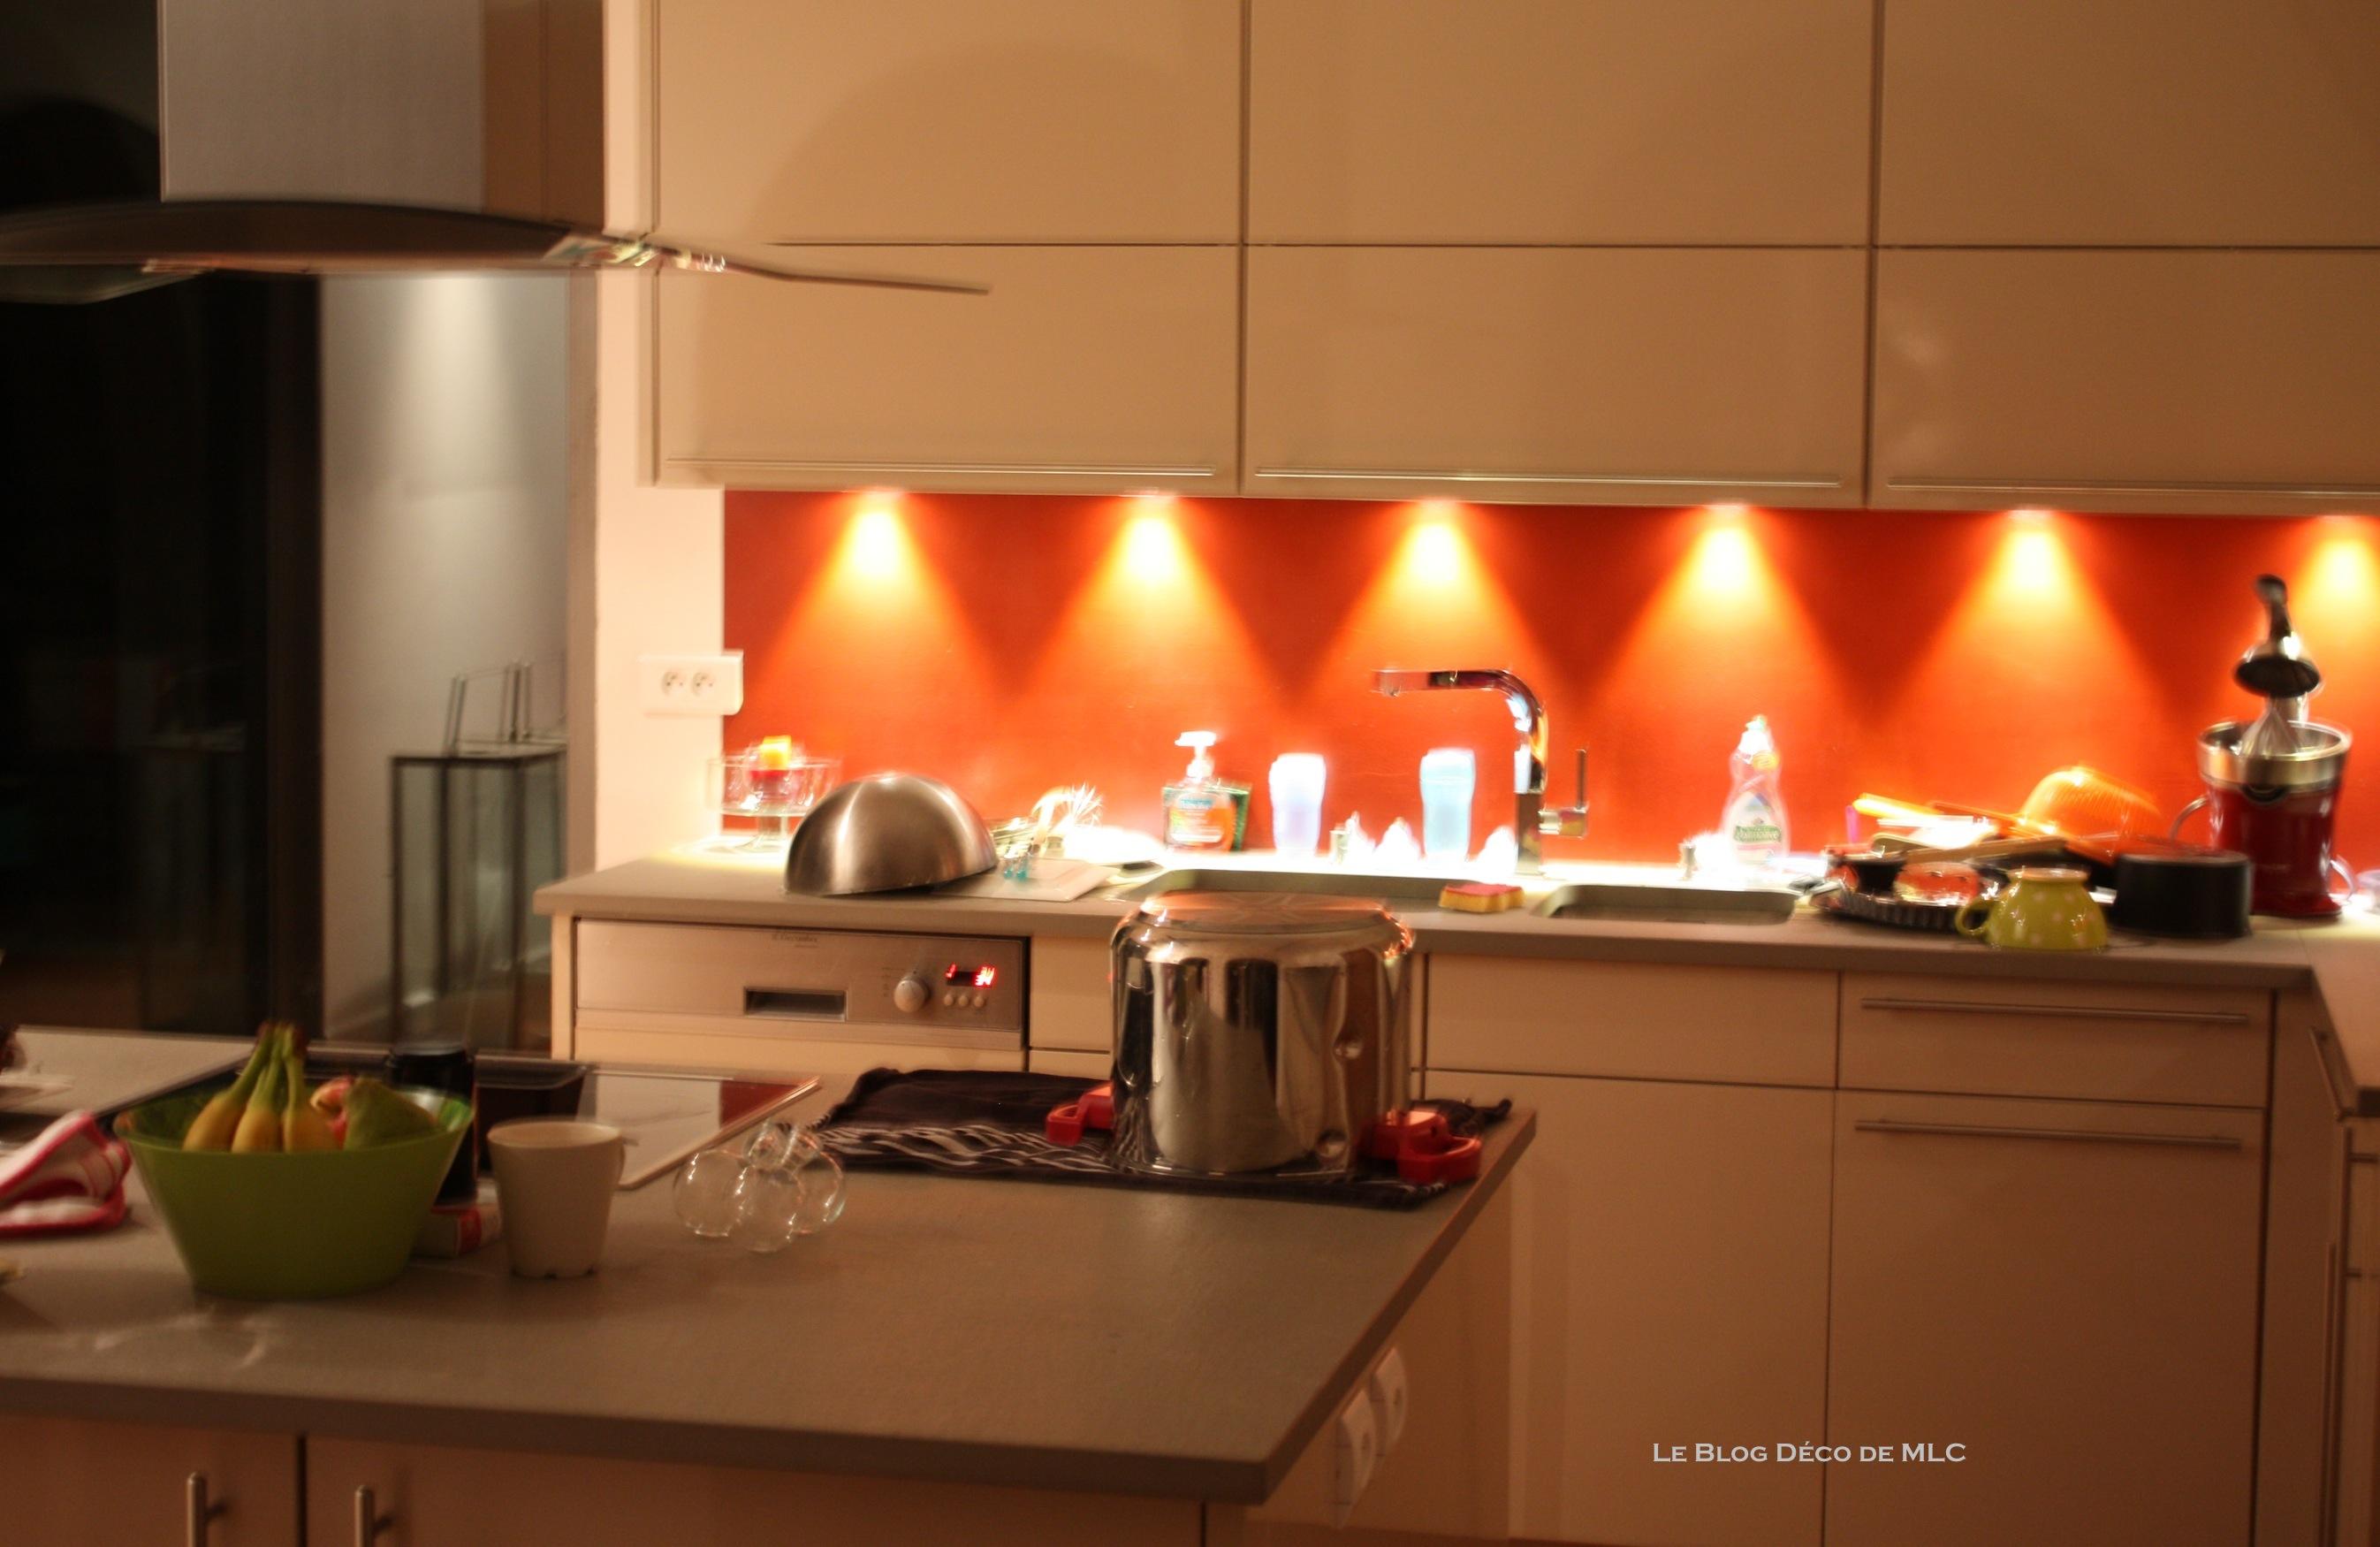 Peinture Murale Pour Cuisine Beige cuisine meubles beige sur fond rouge – cuisine couleur darty